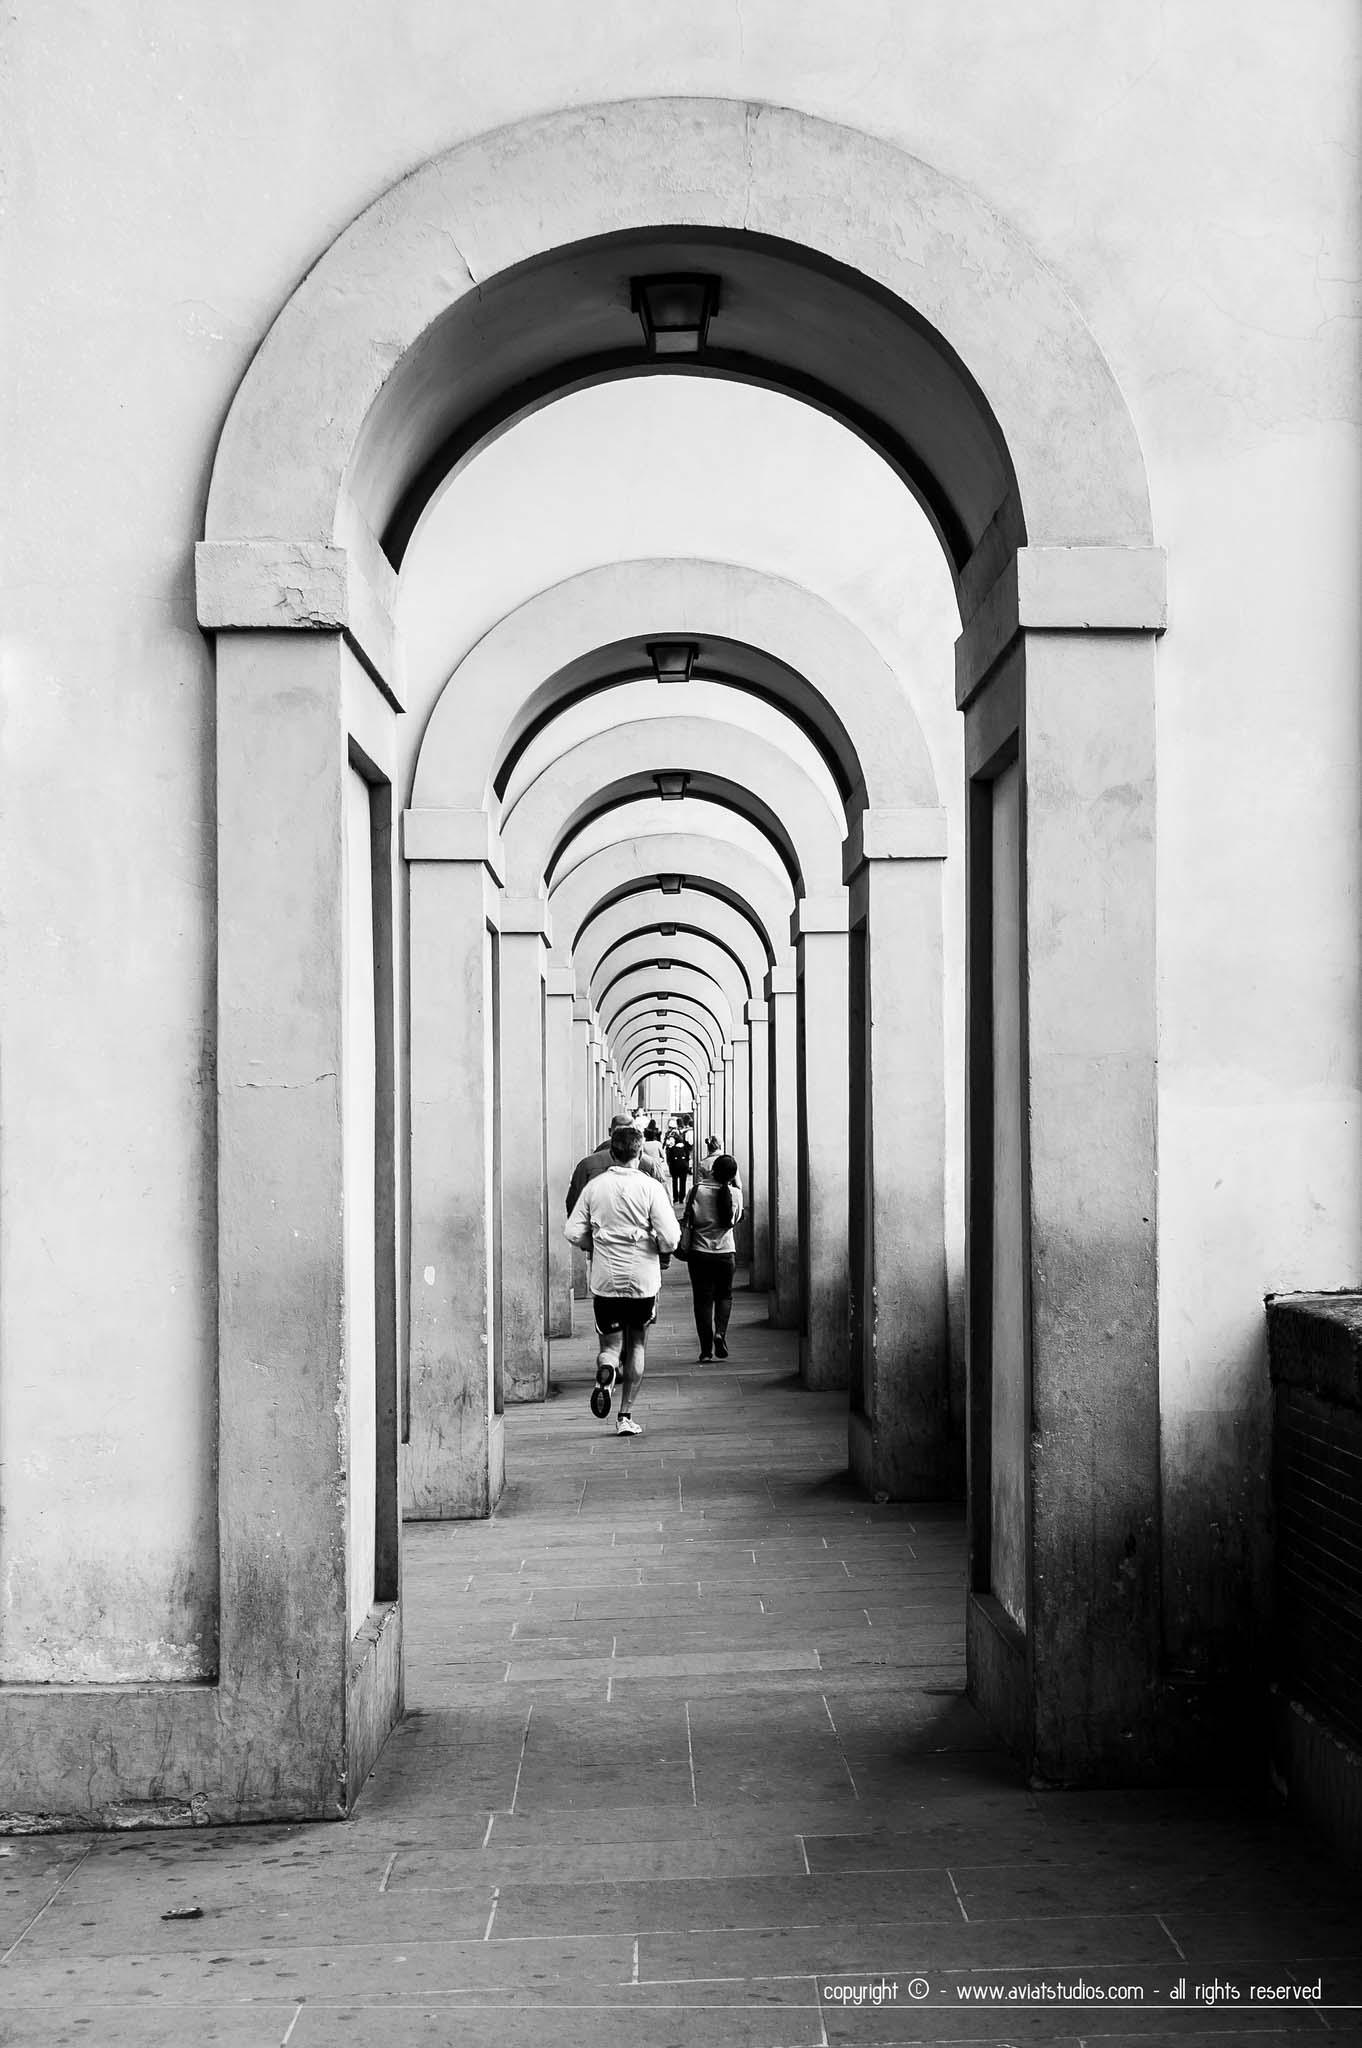 Ambiance matinale le long de l'Arno